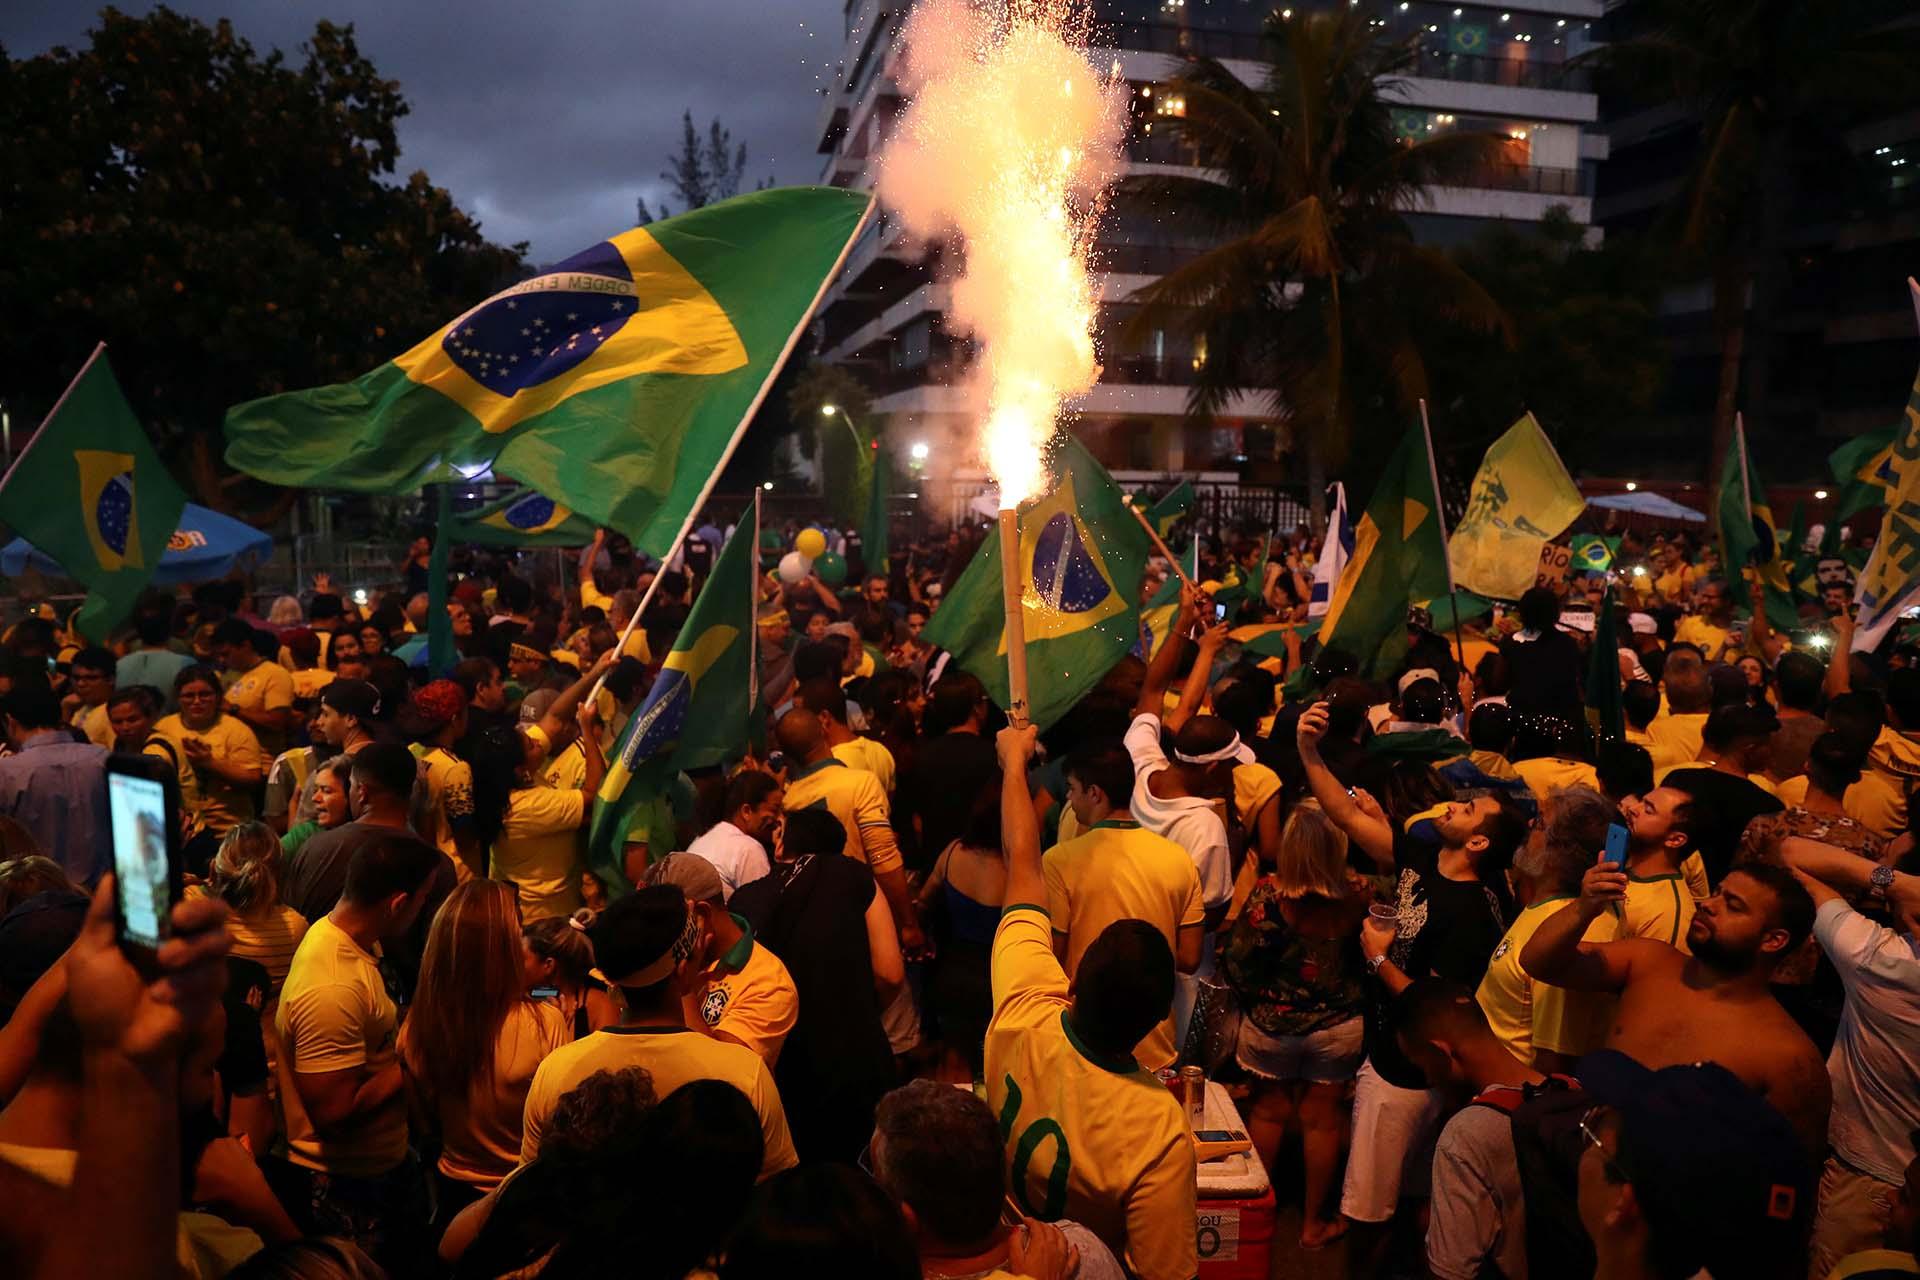 Bengalas y banderas para celebrar el triunfo de Bolsonaro (REUTERS/Pilar Olivares)